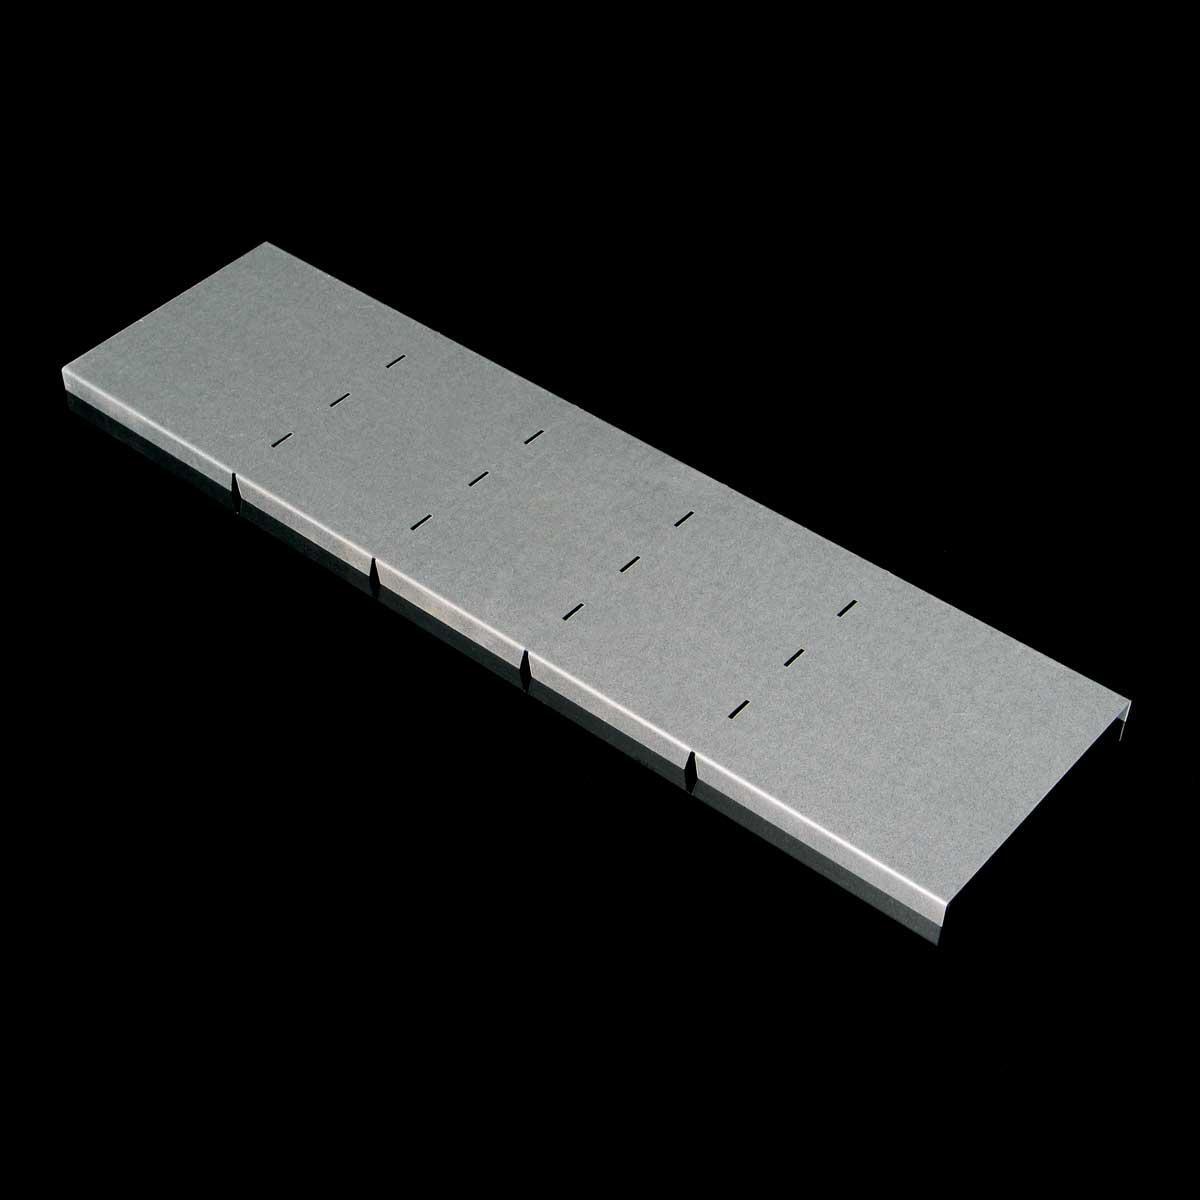 Кришка вертикального повороту зовнішнього 90° JUPITER; розміри-60x300x245mm Товщ. метал-1 Вага-0,87кг/м